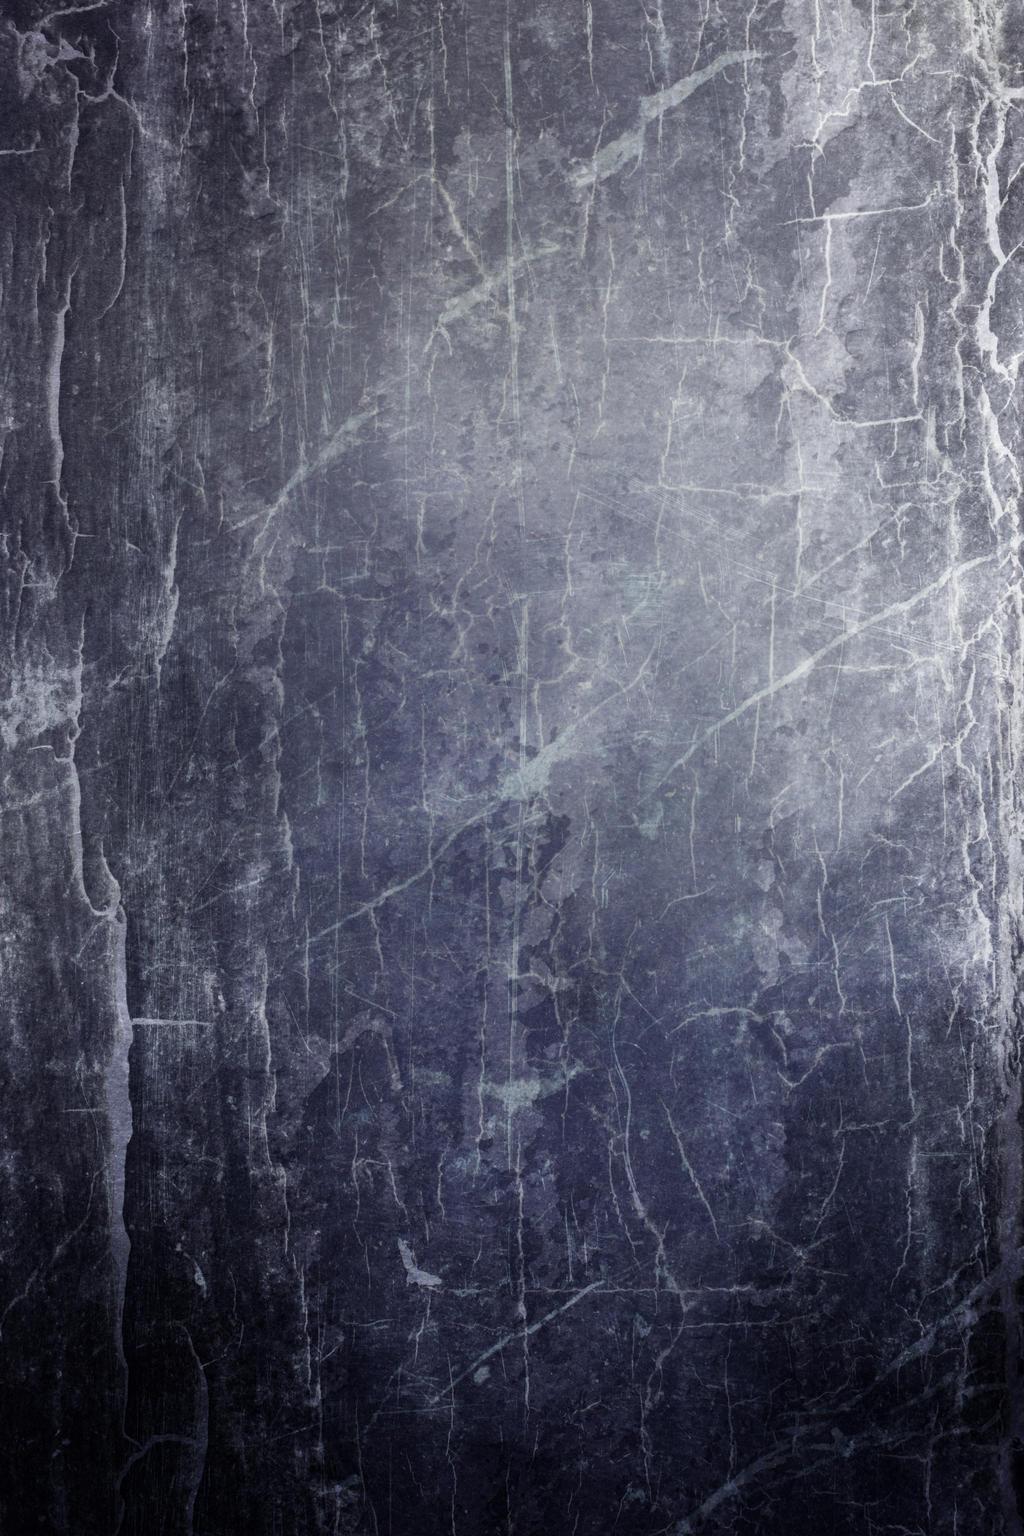 Texture 497 by Sirius-sdz